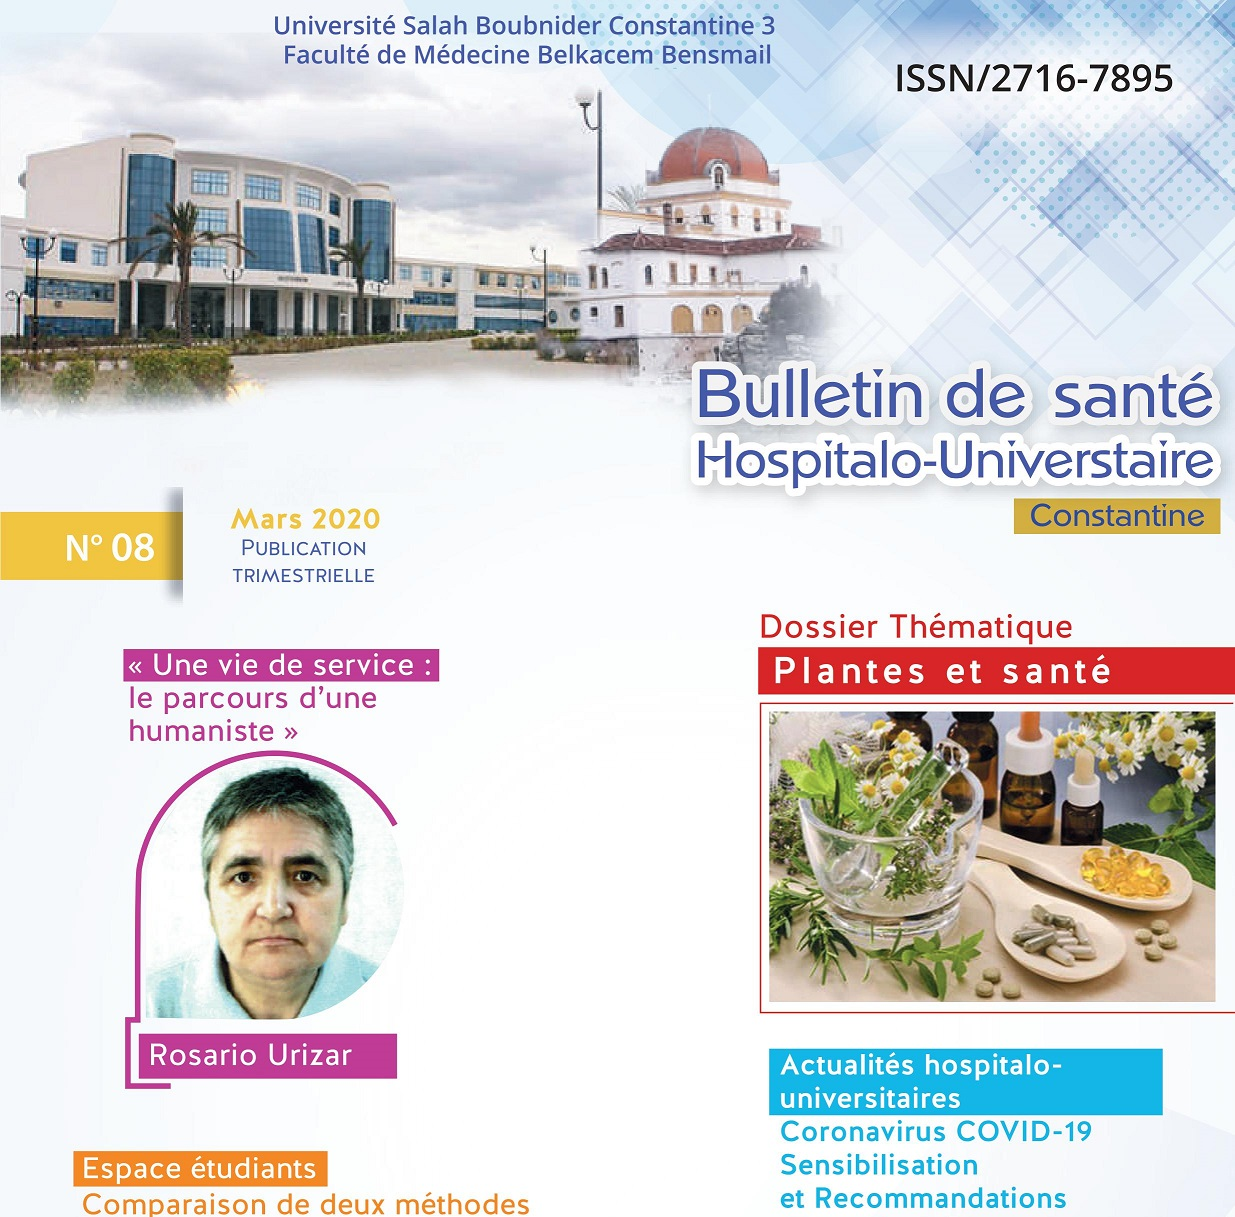 Bulletin de santé Hospitalo-Universitaire de Constantine